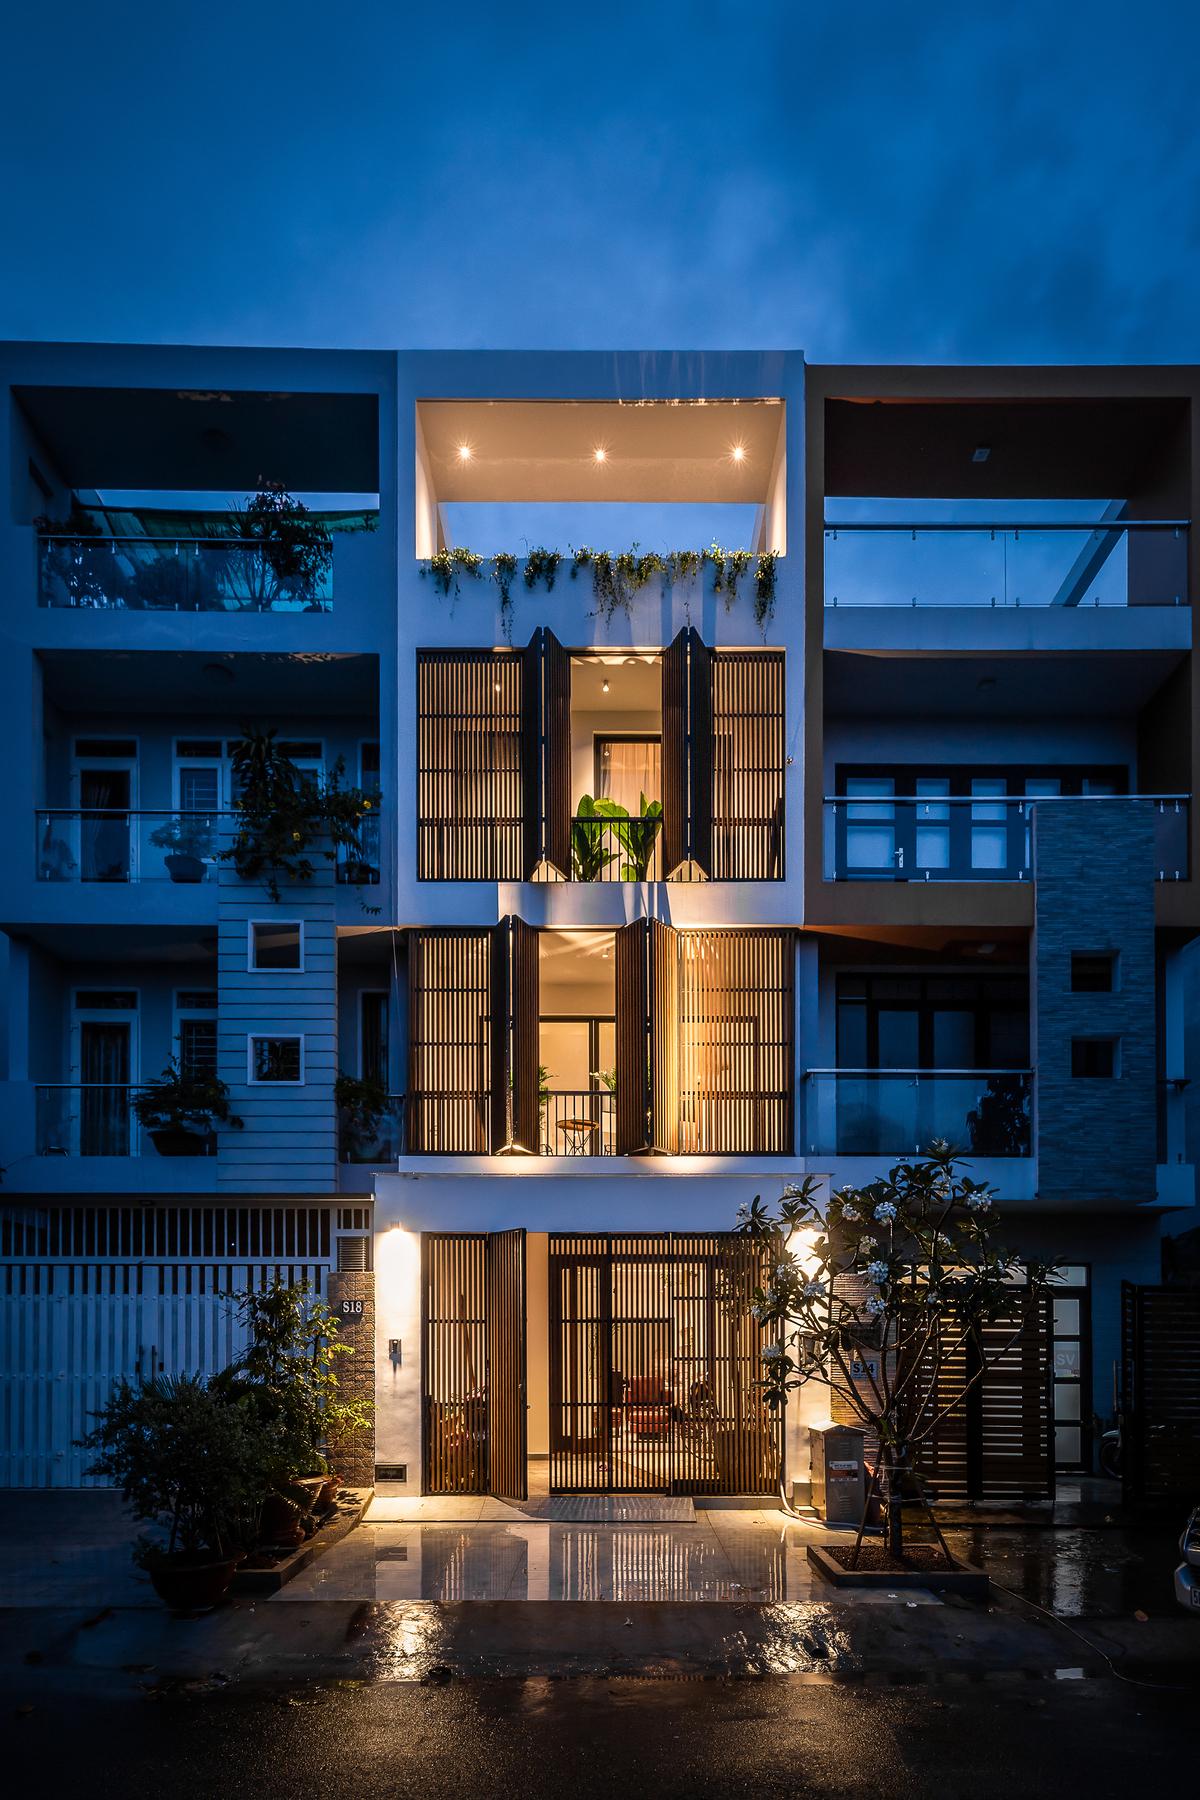 41 1 - NGỌC House - Chất keo gắn kết gia đình đa hệ  Story Architecture